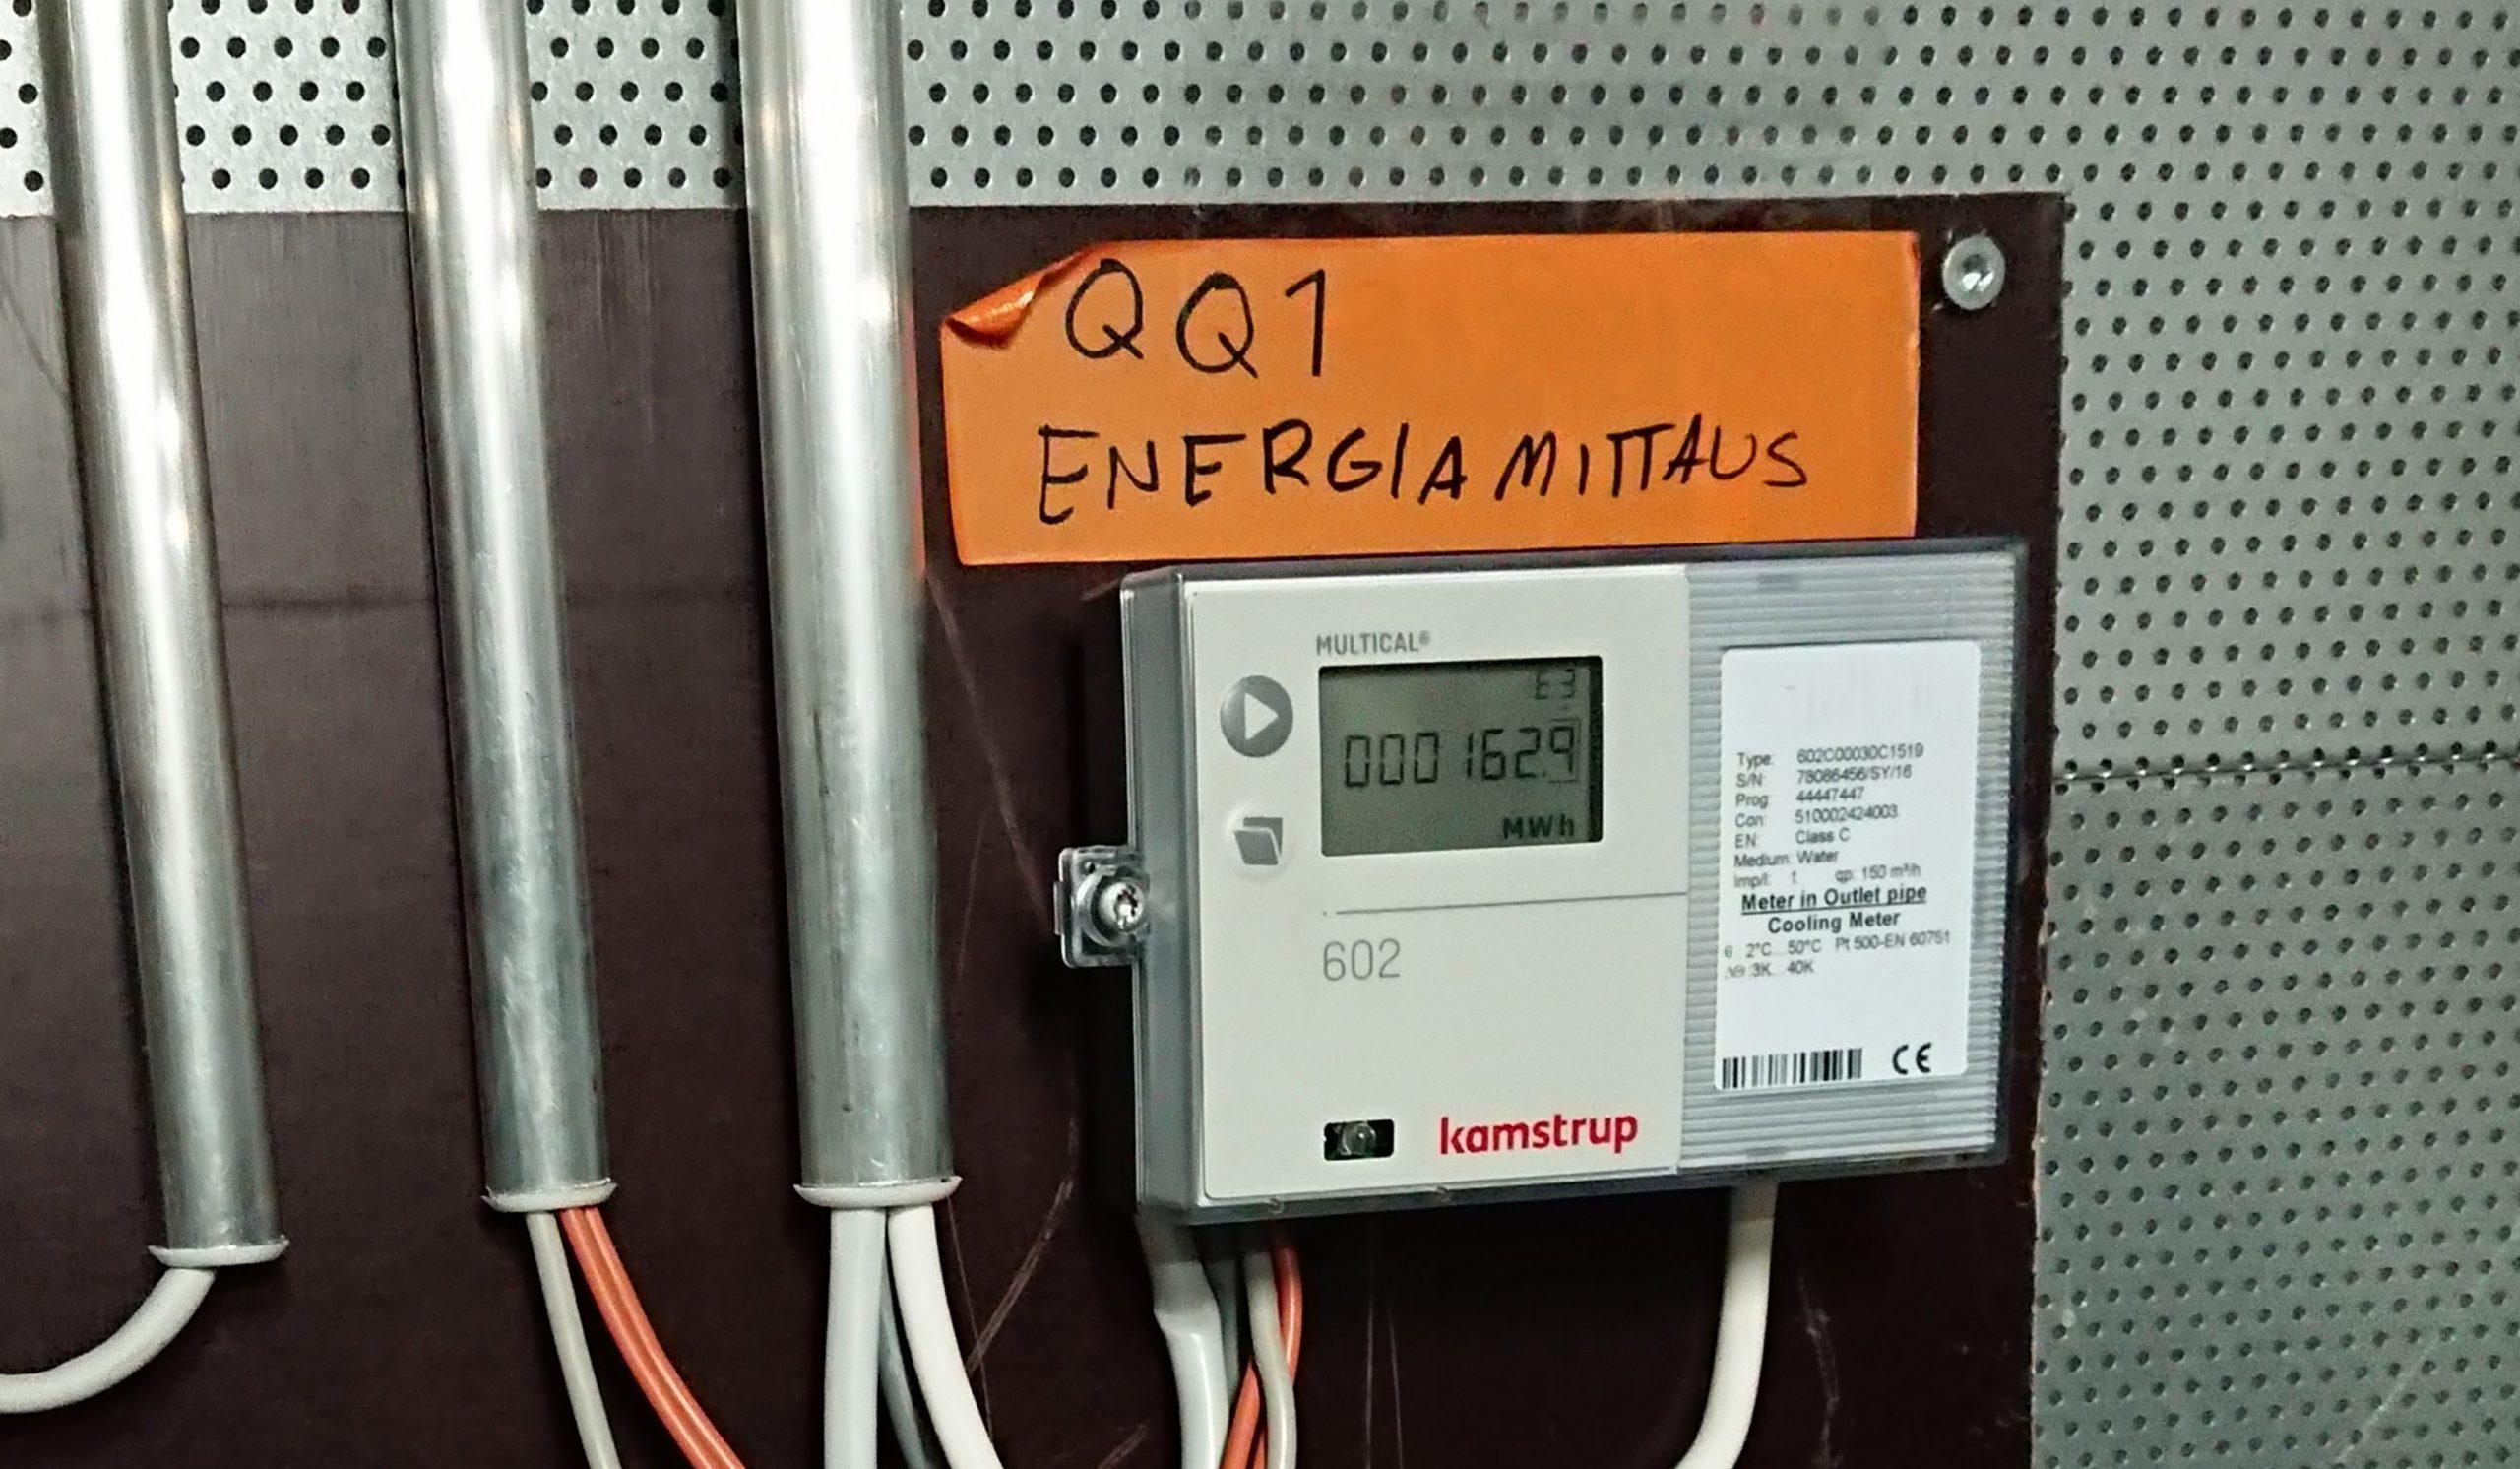 Energiamittari seinällä ja piuhoja - Energiaviisaat